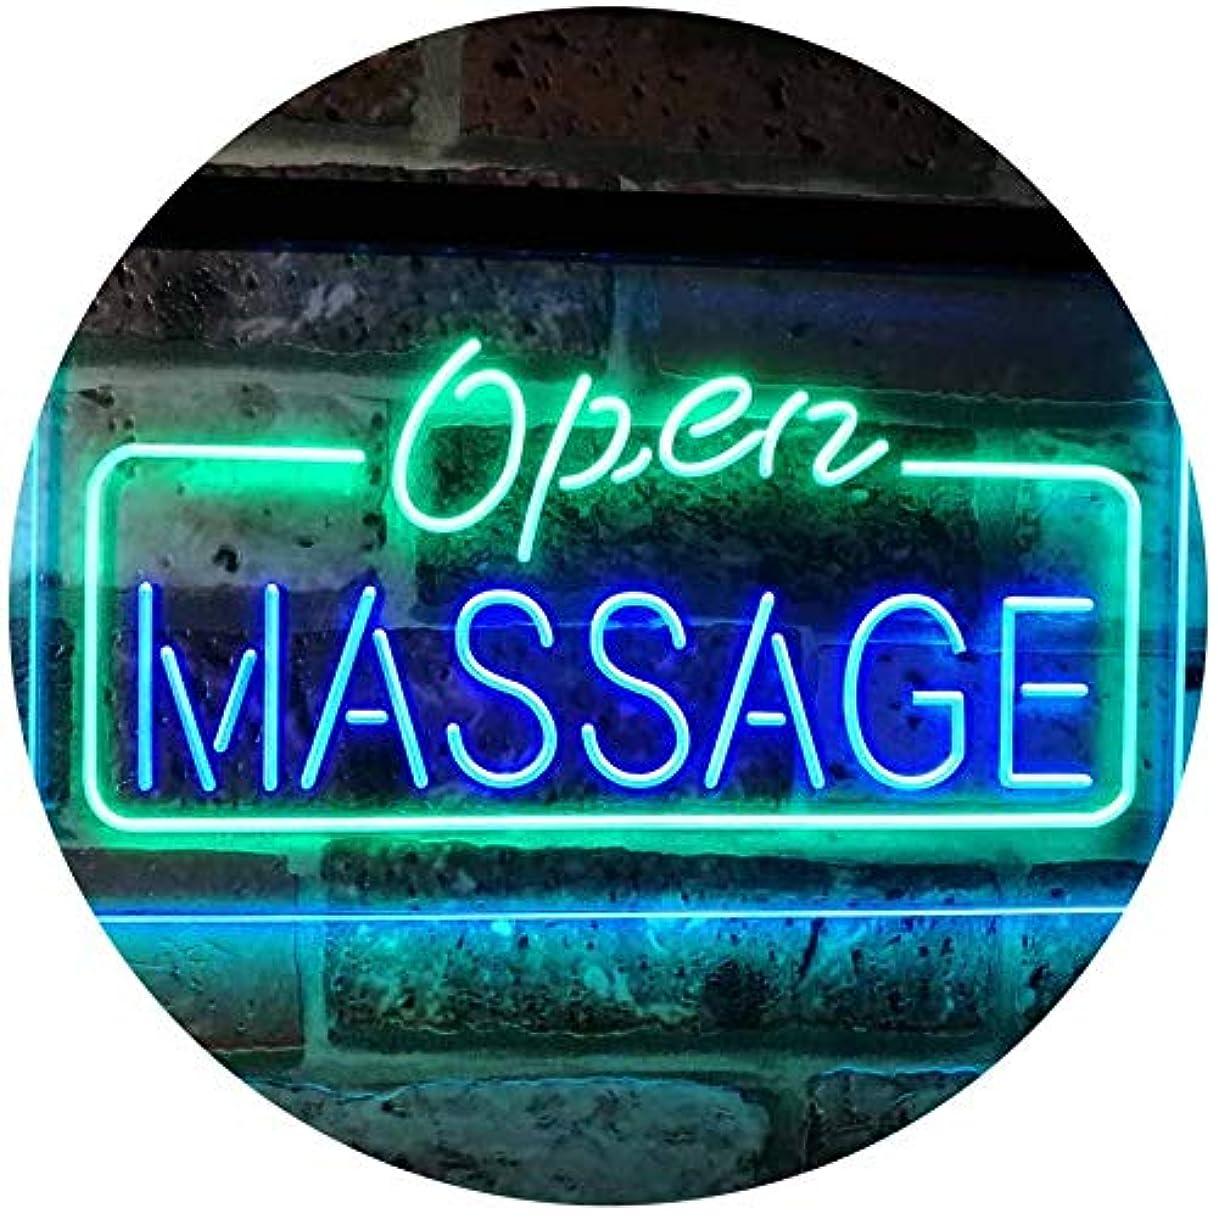 ピジン地理息切れMassage Therapy Open Walk-In-Welcome Display Body Care LED看板 ネオンプレート サイン 標識 Green & Blue 400mm x 300mm st6s43-...